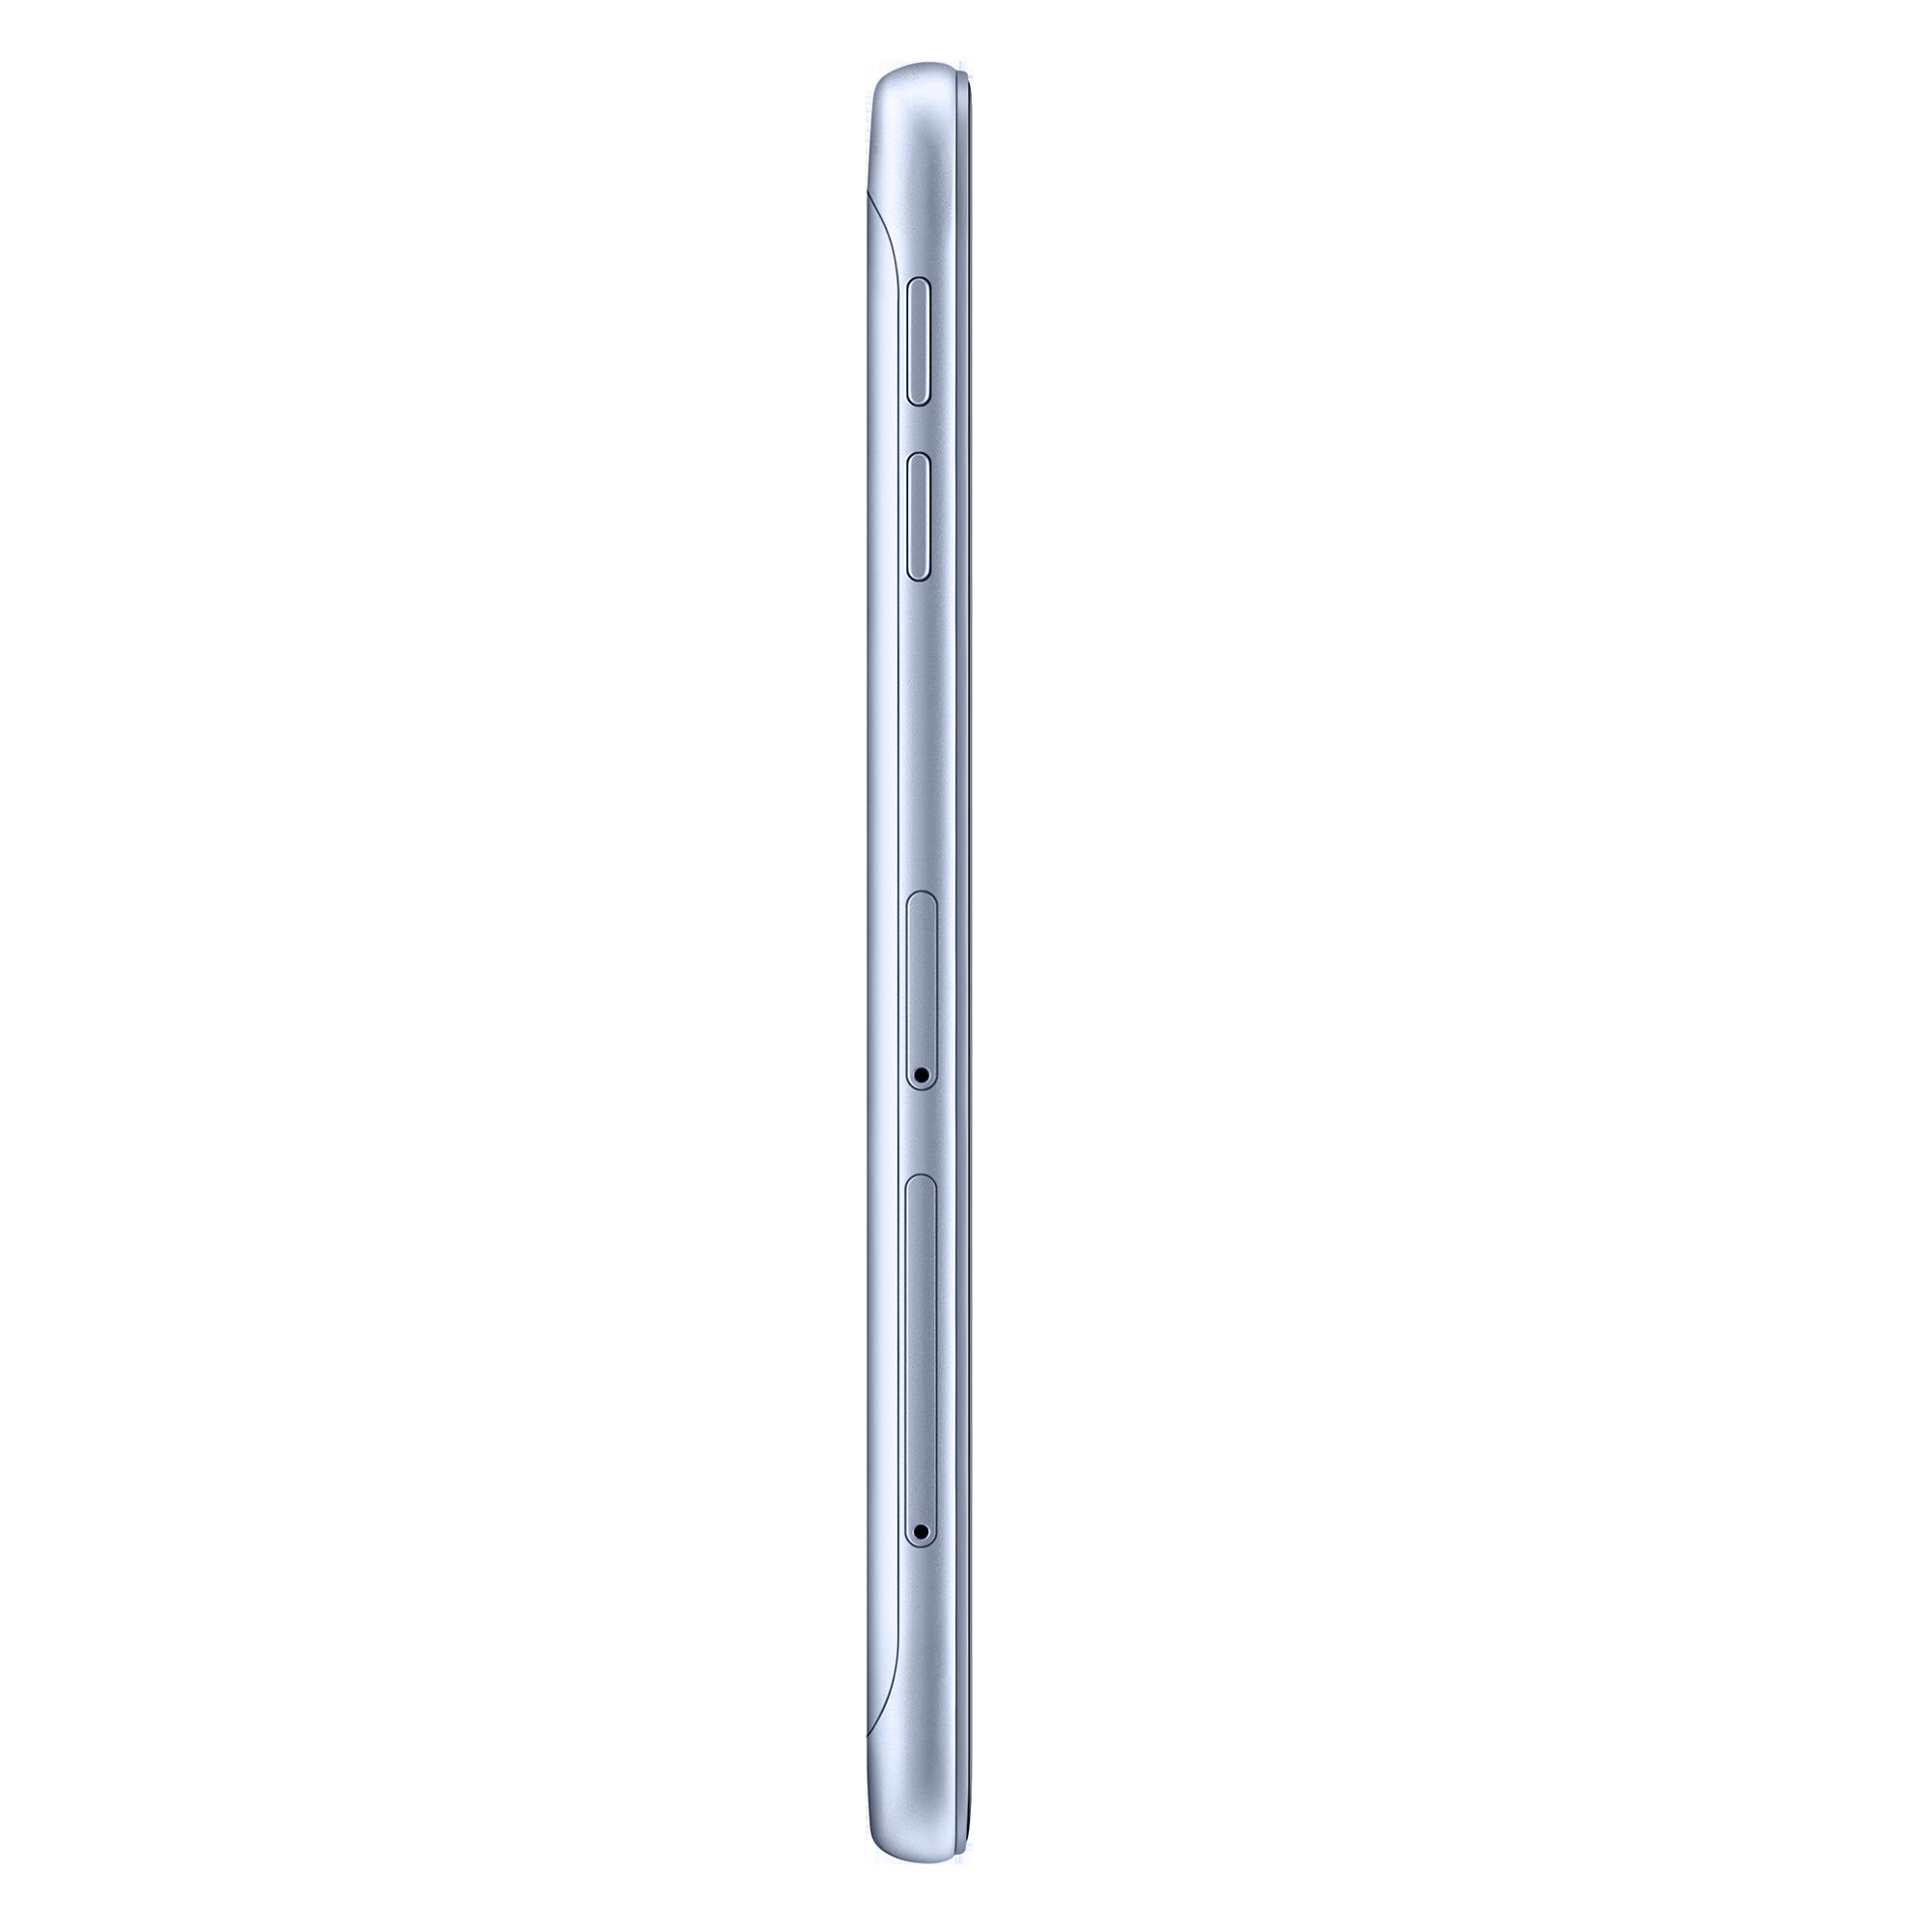 Samsung Galaxy J3 Pro (2017) - Xanh